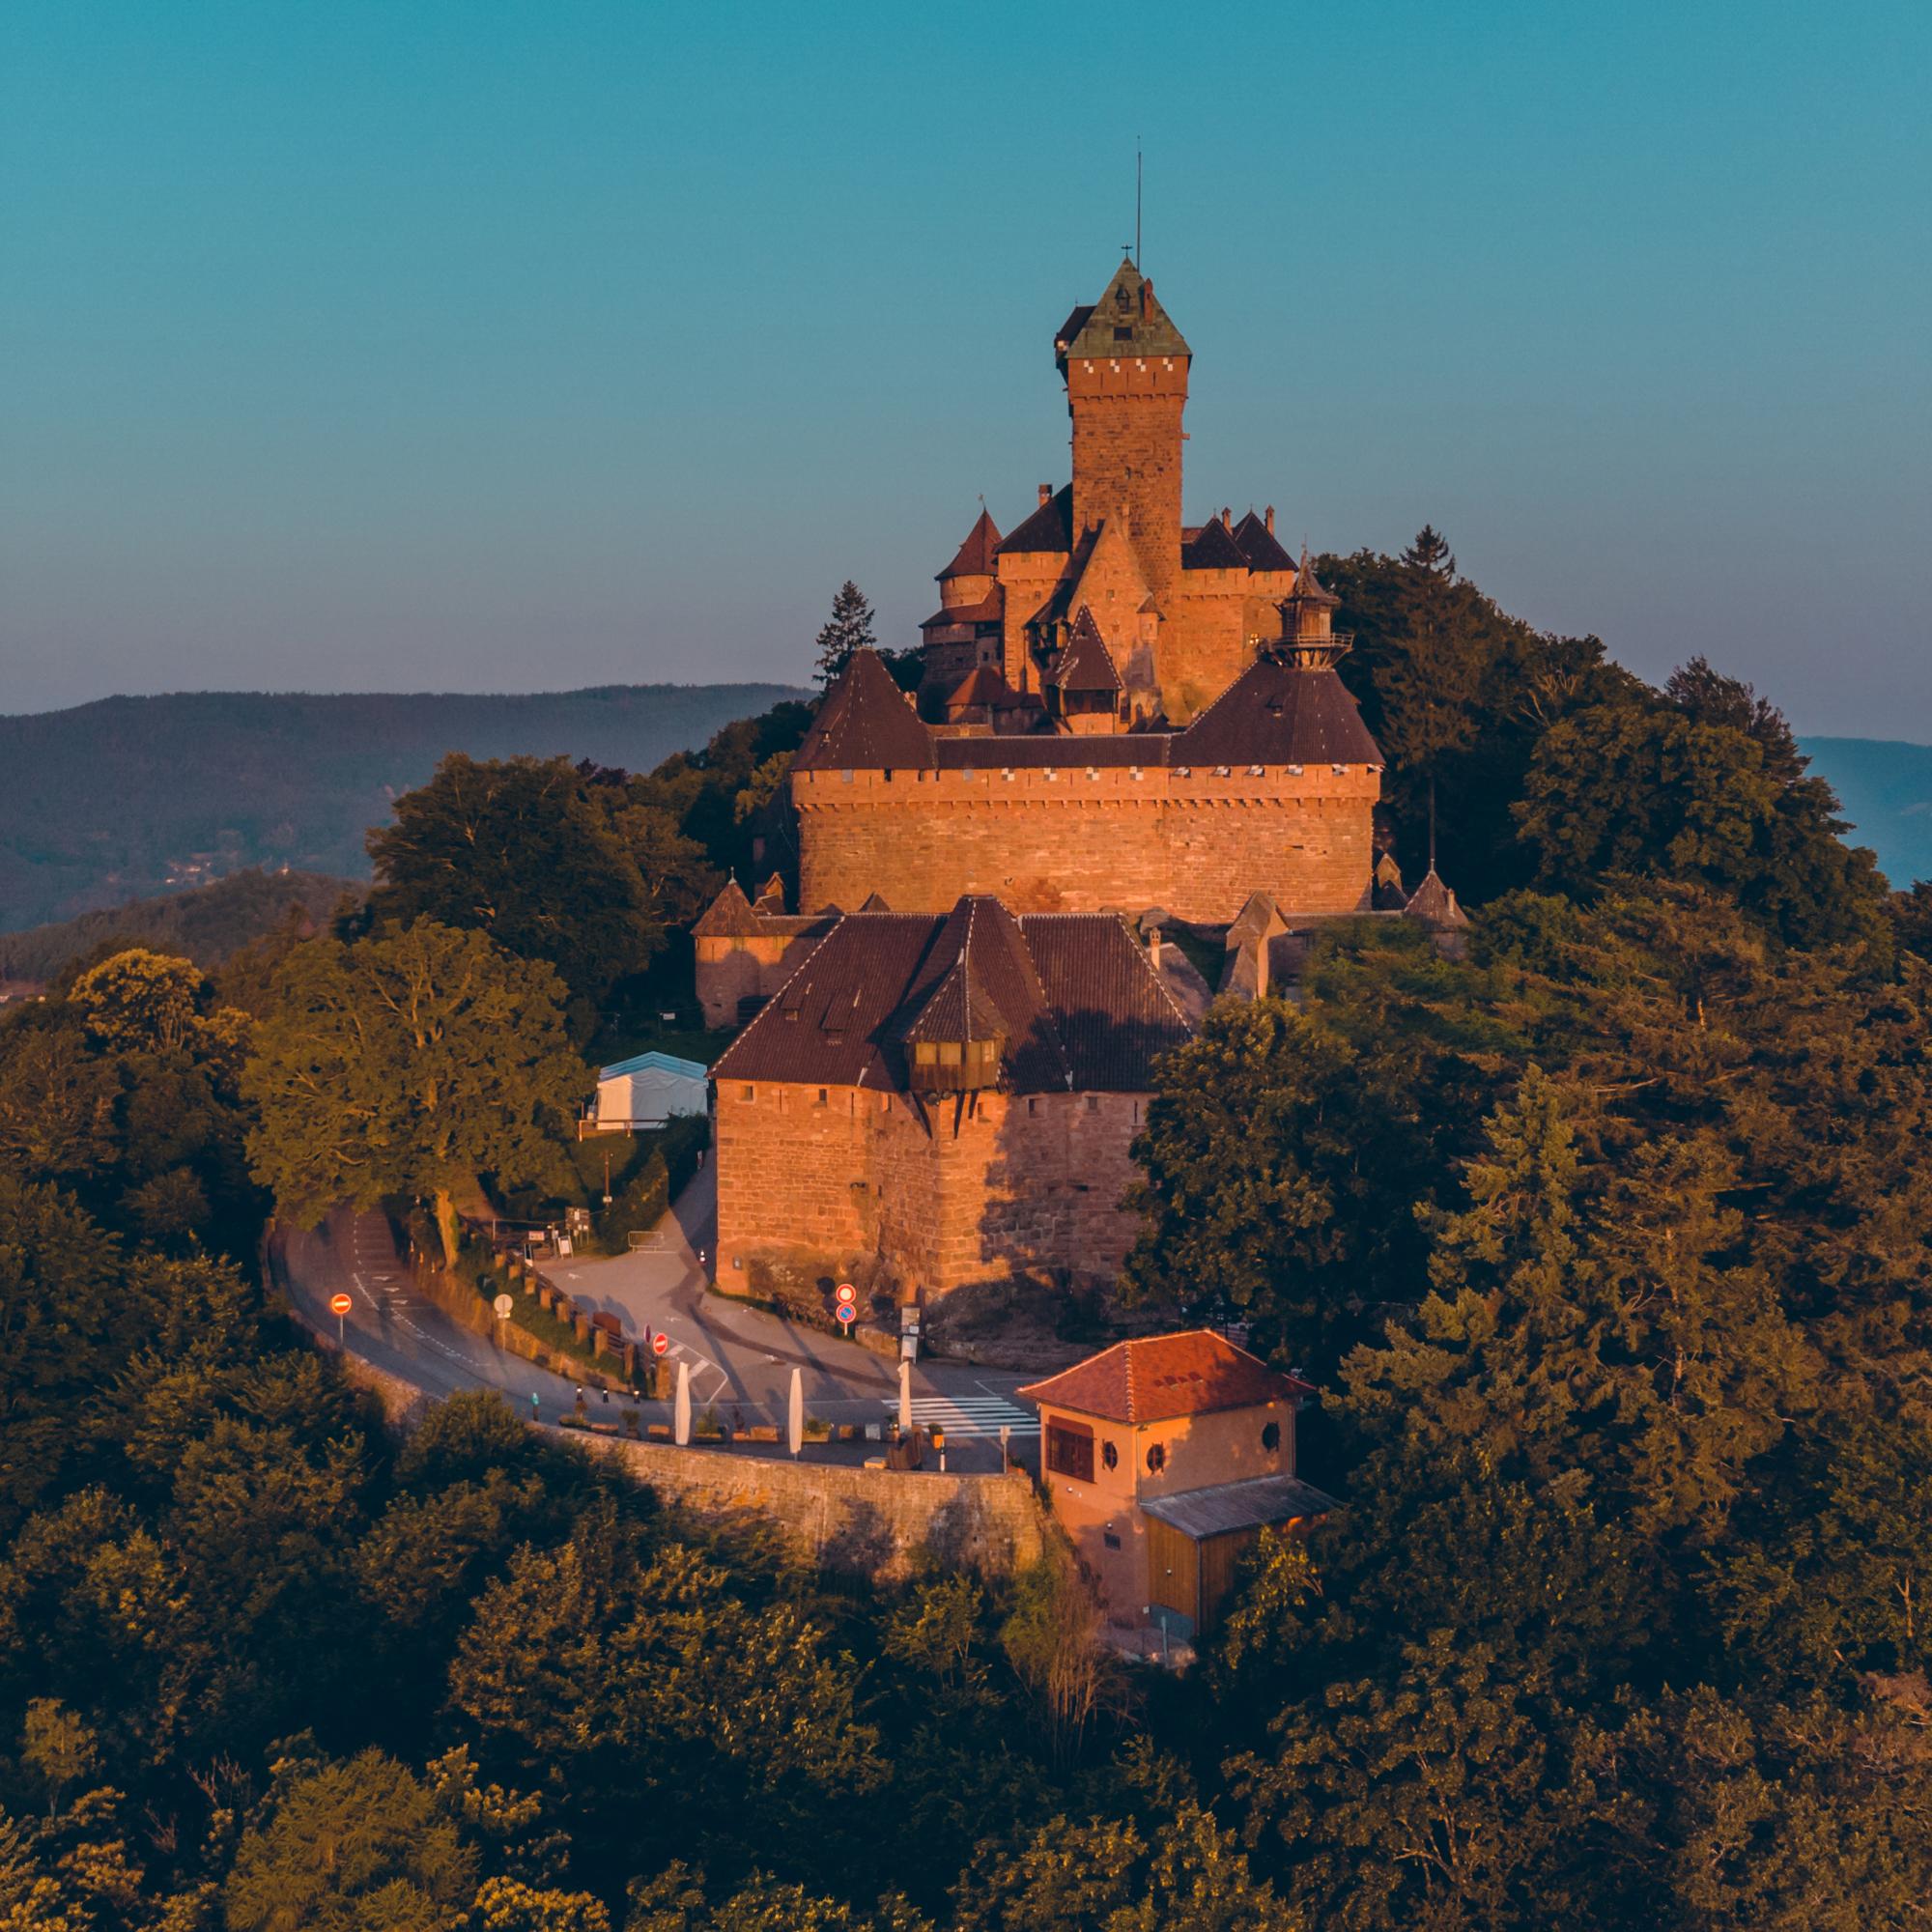 Château-du-Haut-Kœnigsbourg